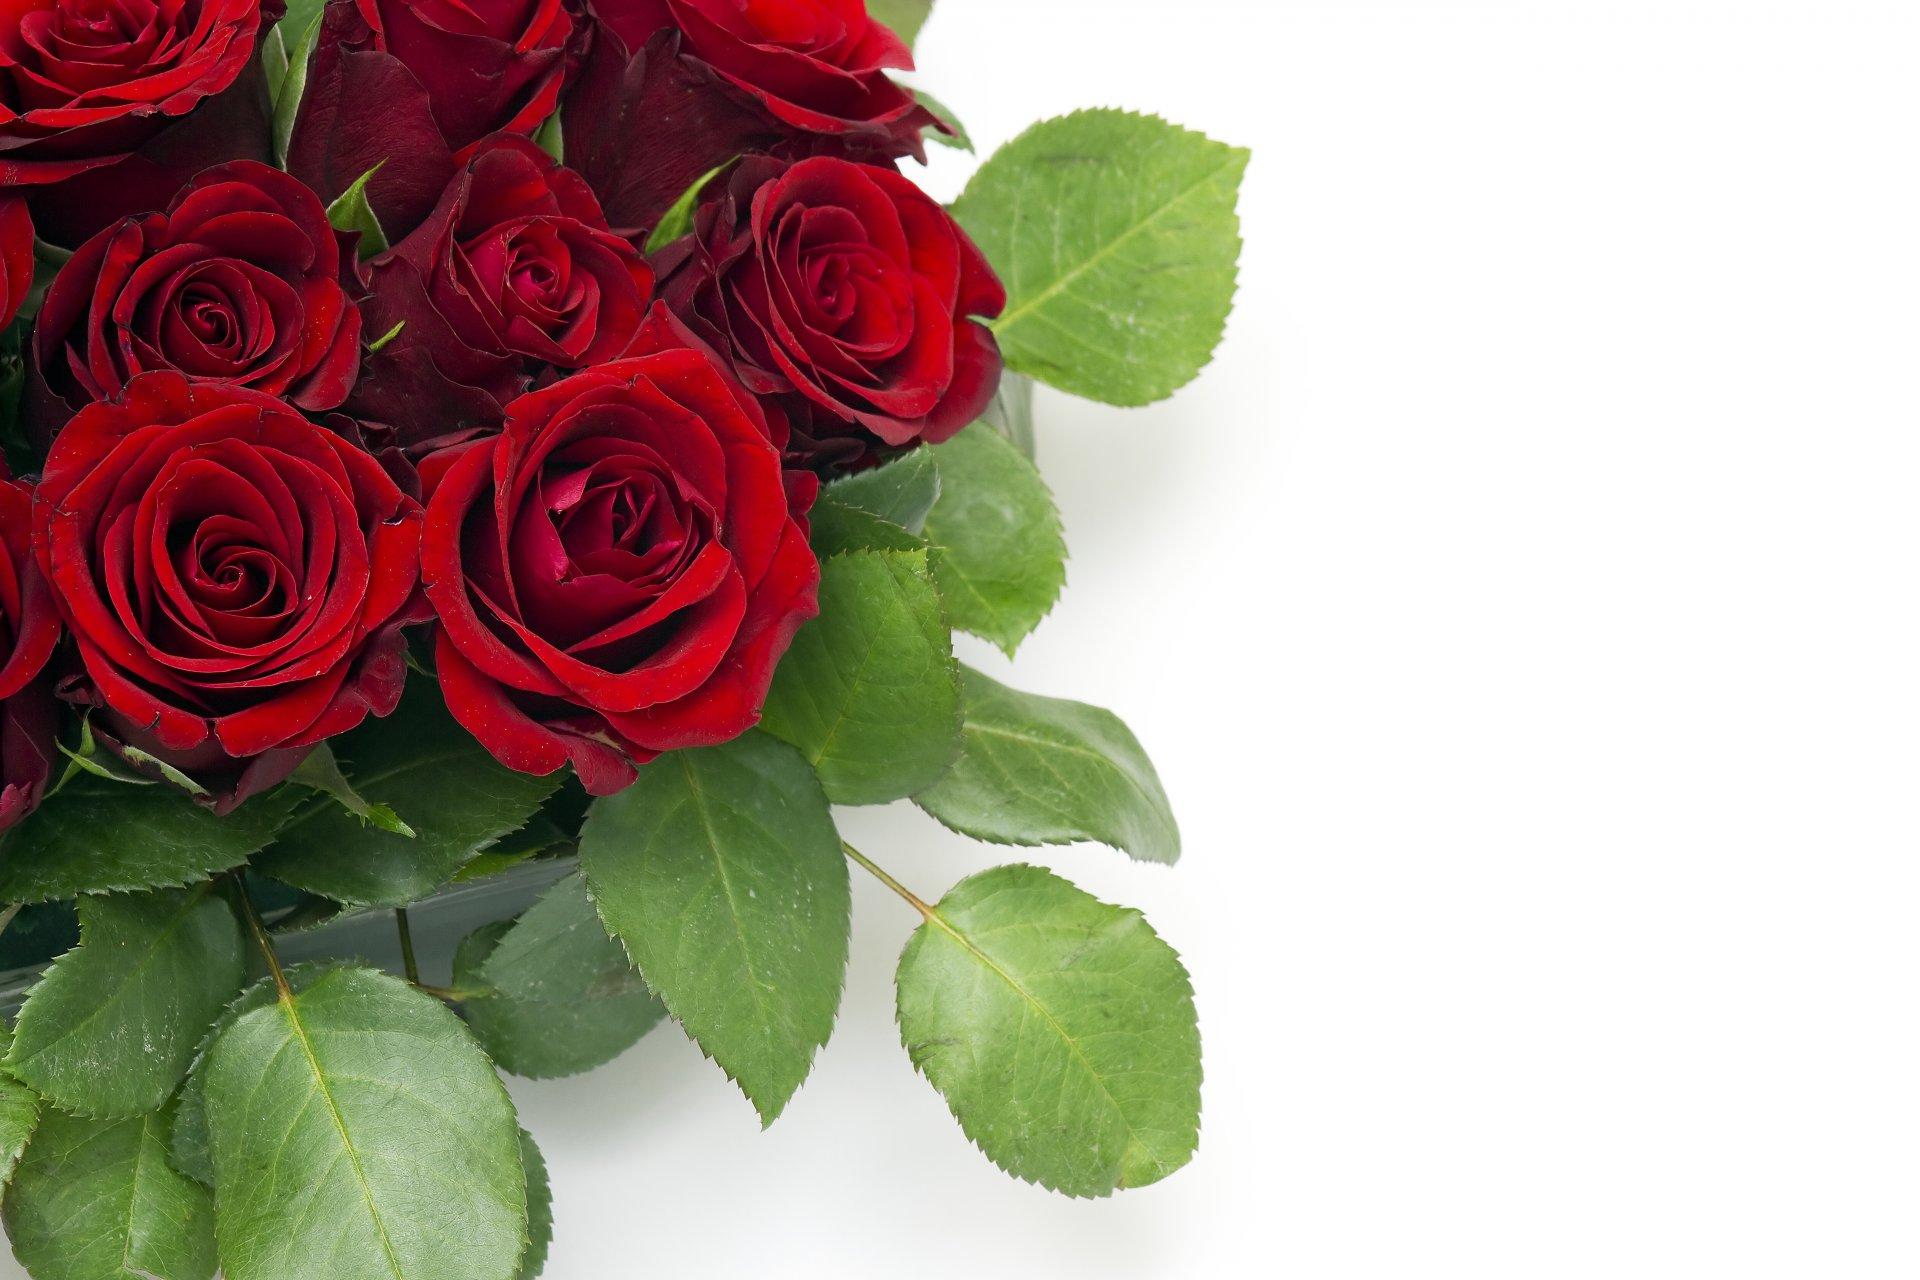 Картинки красивые розы с надписями (35 фото) Прикольные картинки и юмор 55